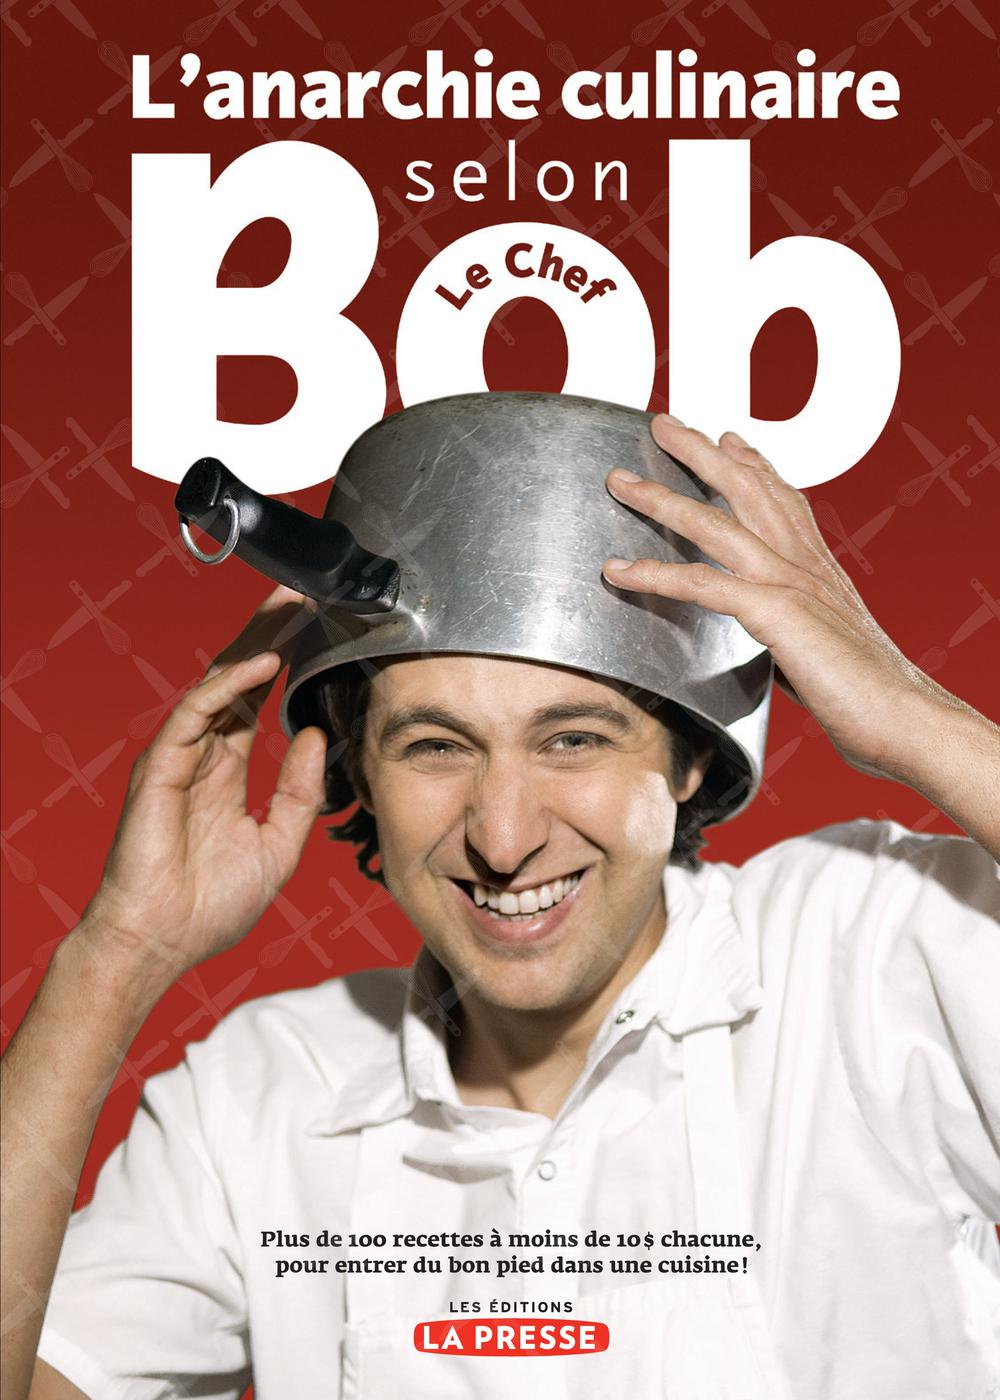 Anarchie culinaire selon Bob le chef (L')